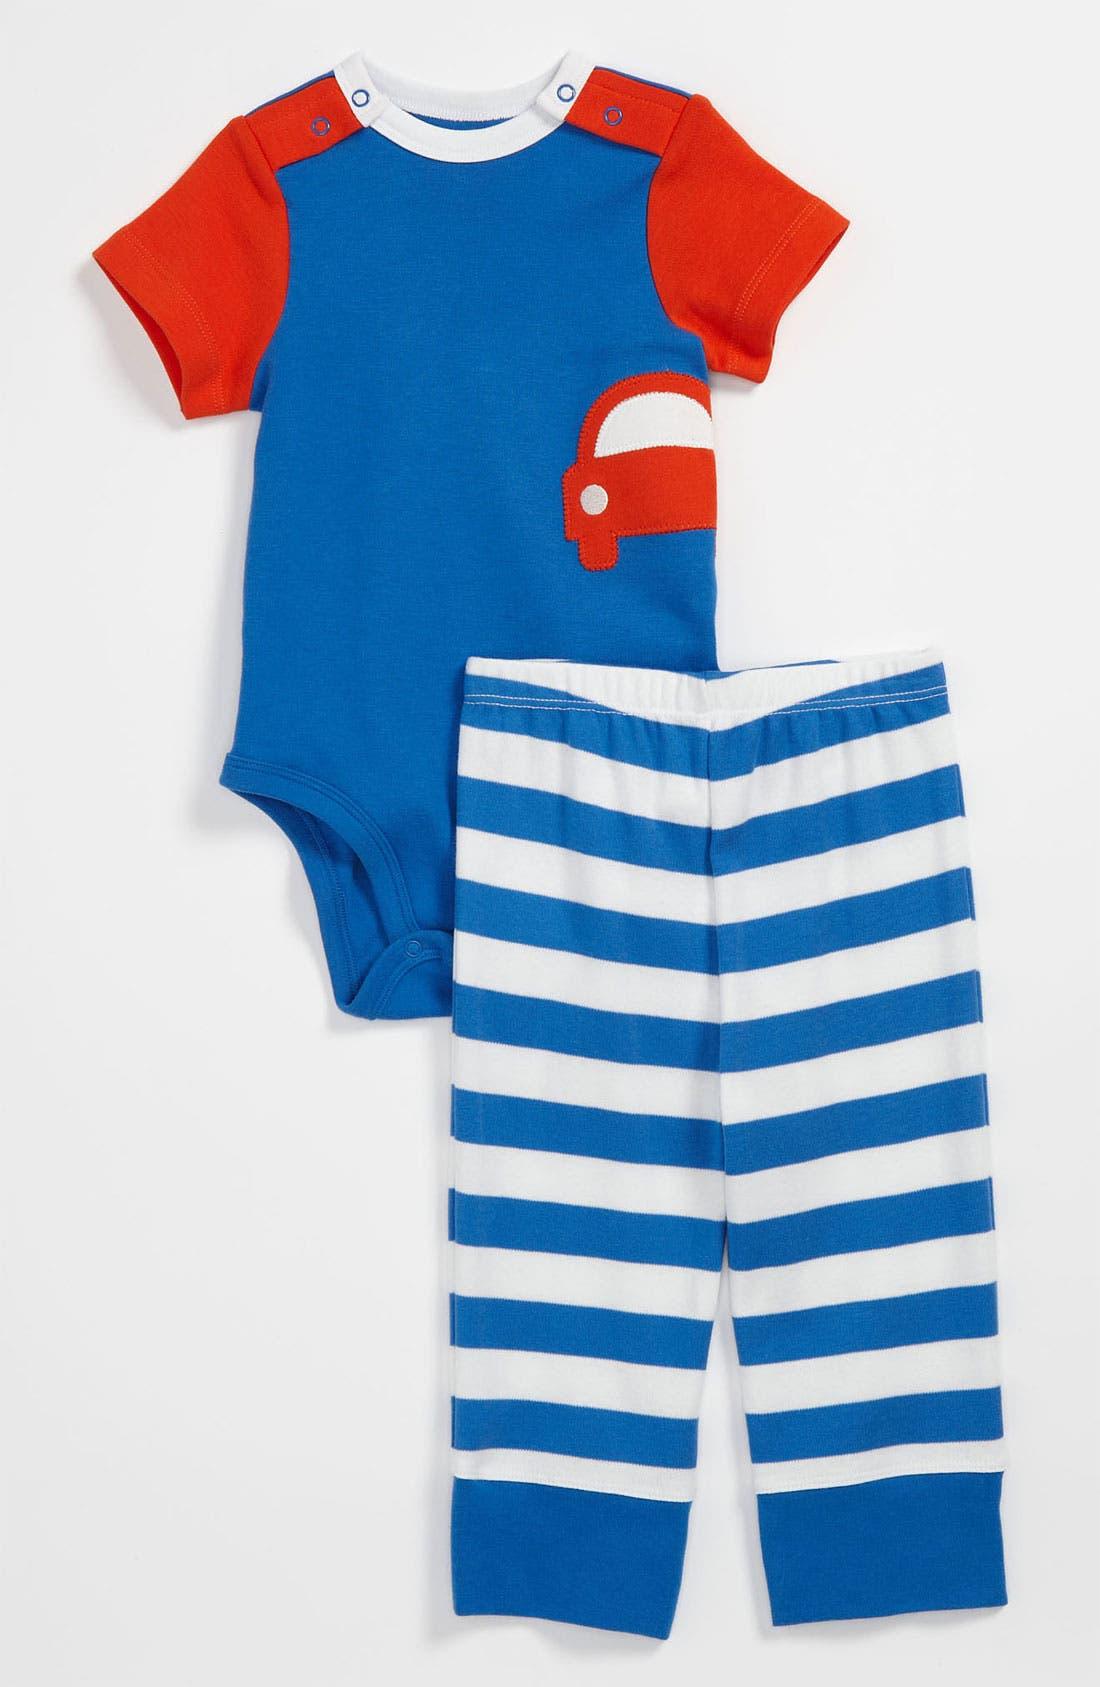 Main Image - Offspring 'Car' Bodysuit & Pants (Baby)